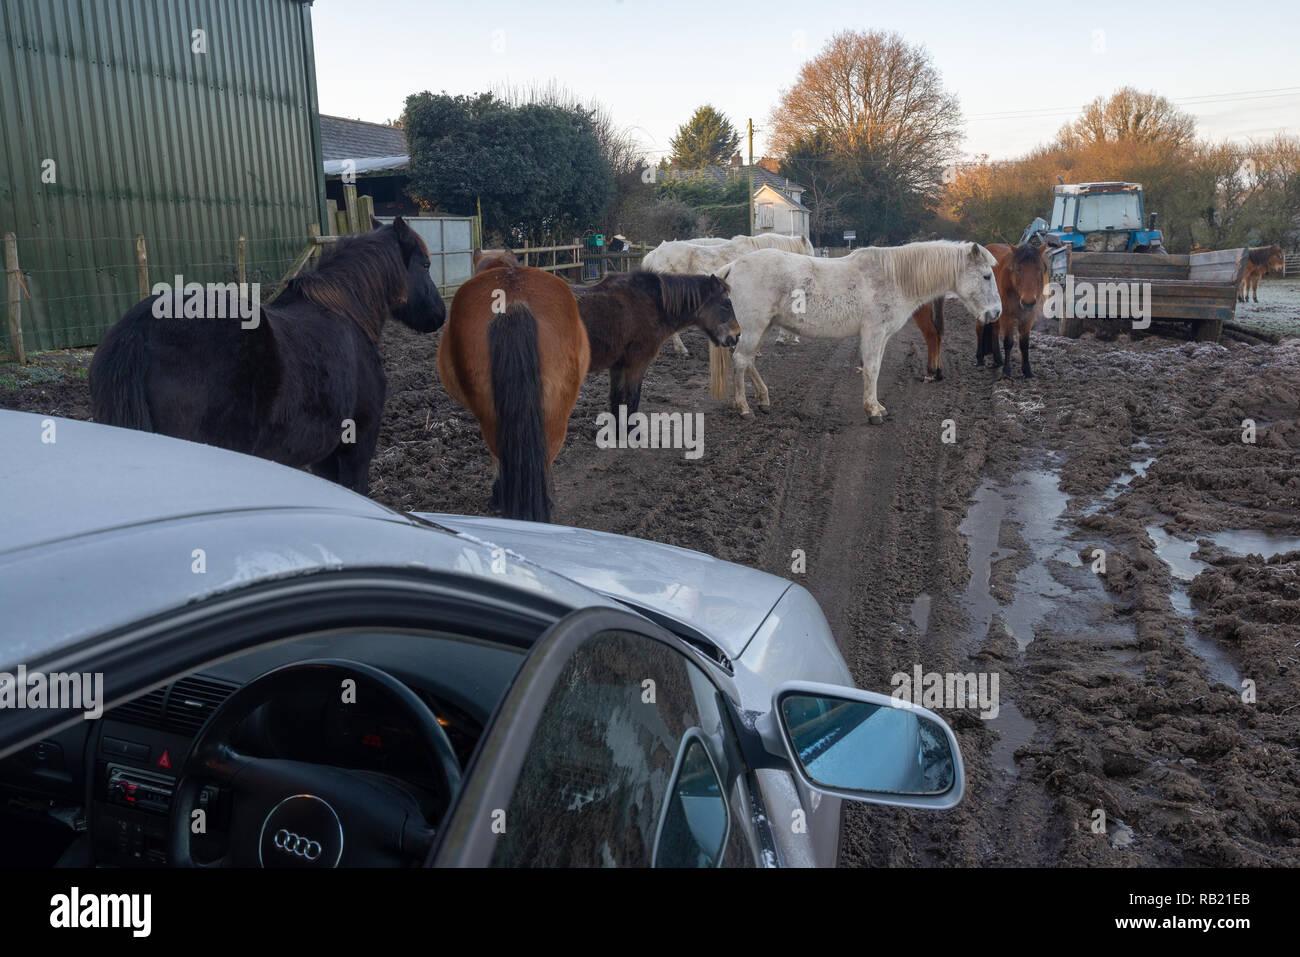 Pony bloccare una strada fangosa attraverso una fattoria su un inverno mattina a Ogdens, Frogham, New Forest, Hampshire, Regno Unito Foto Stock